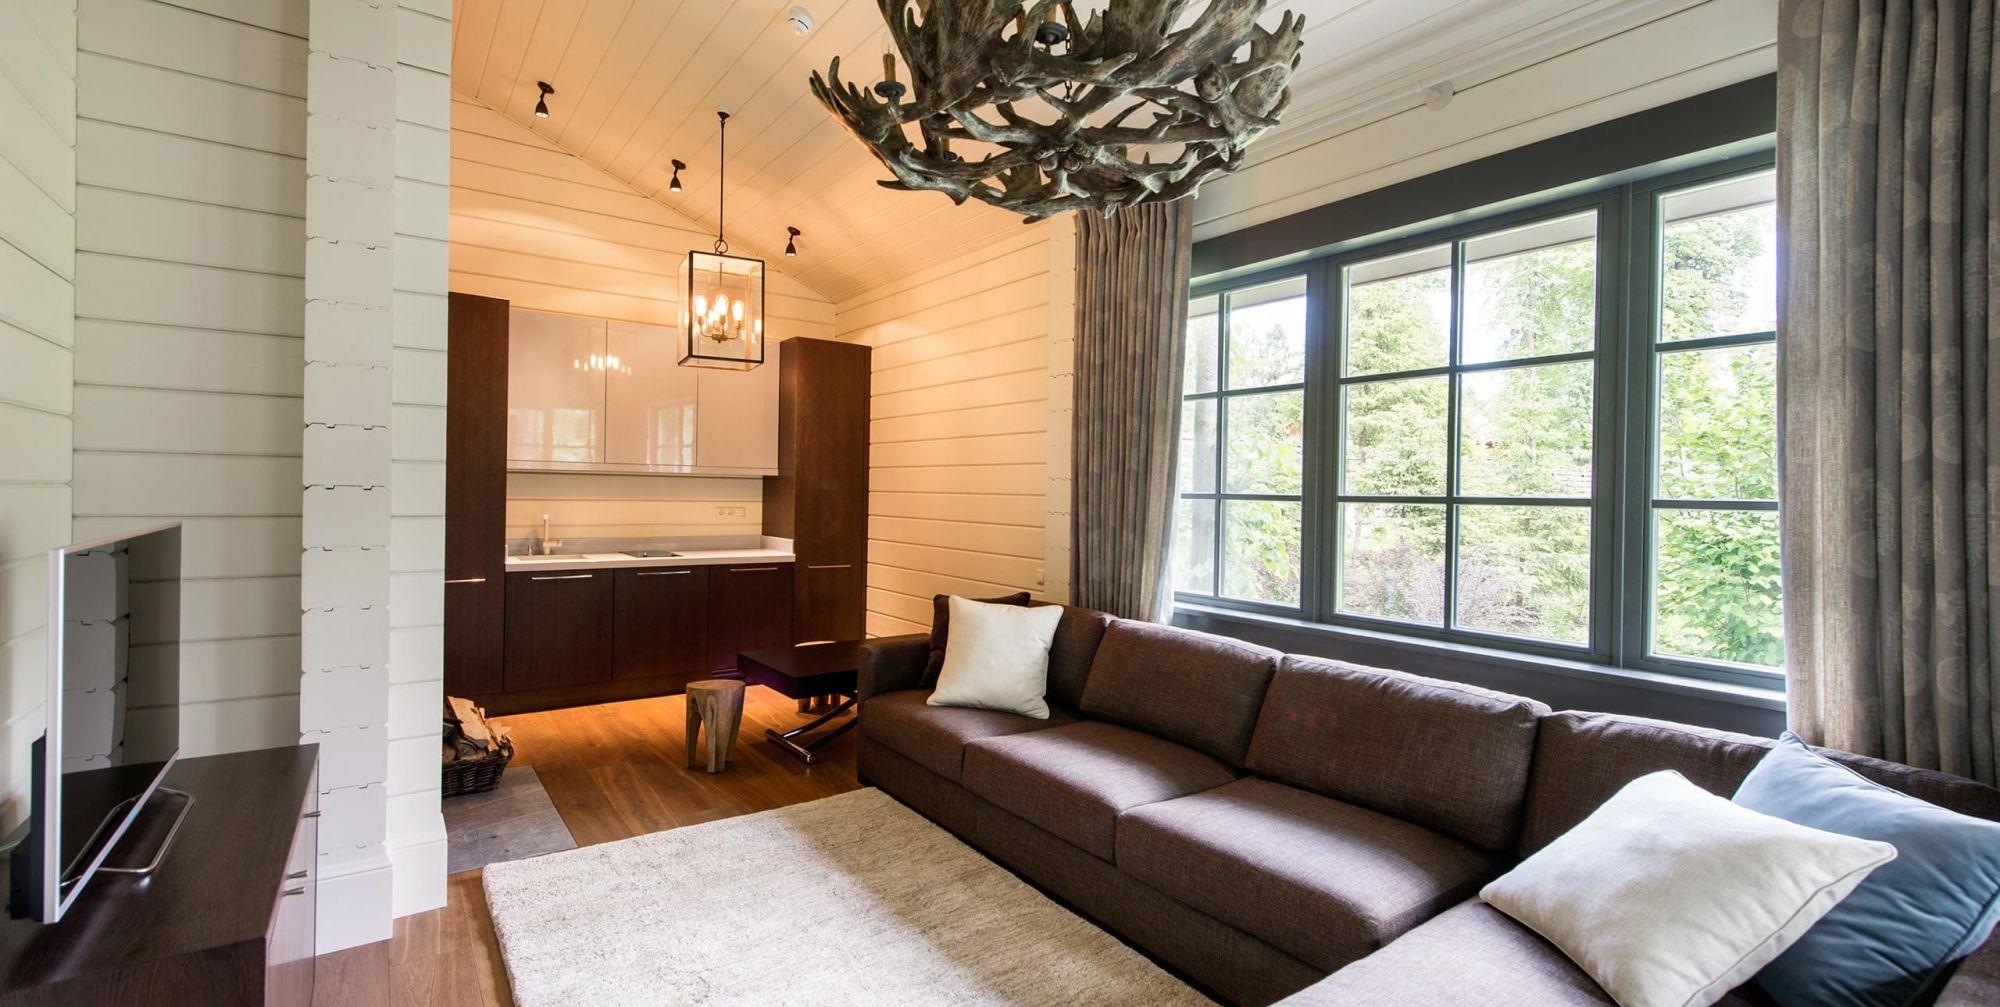 комнаты отдыха бани внутри фото